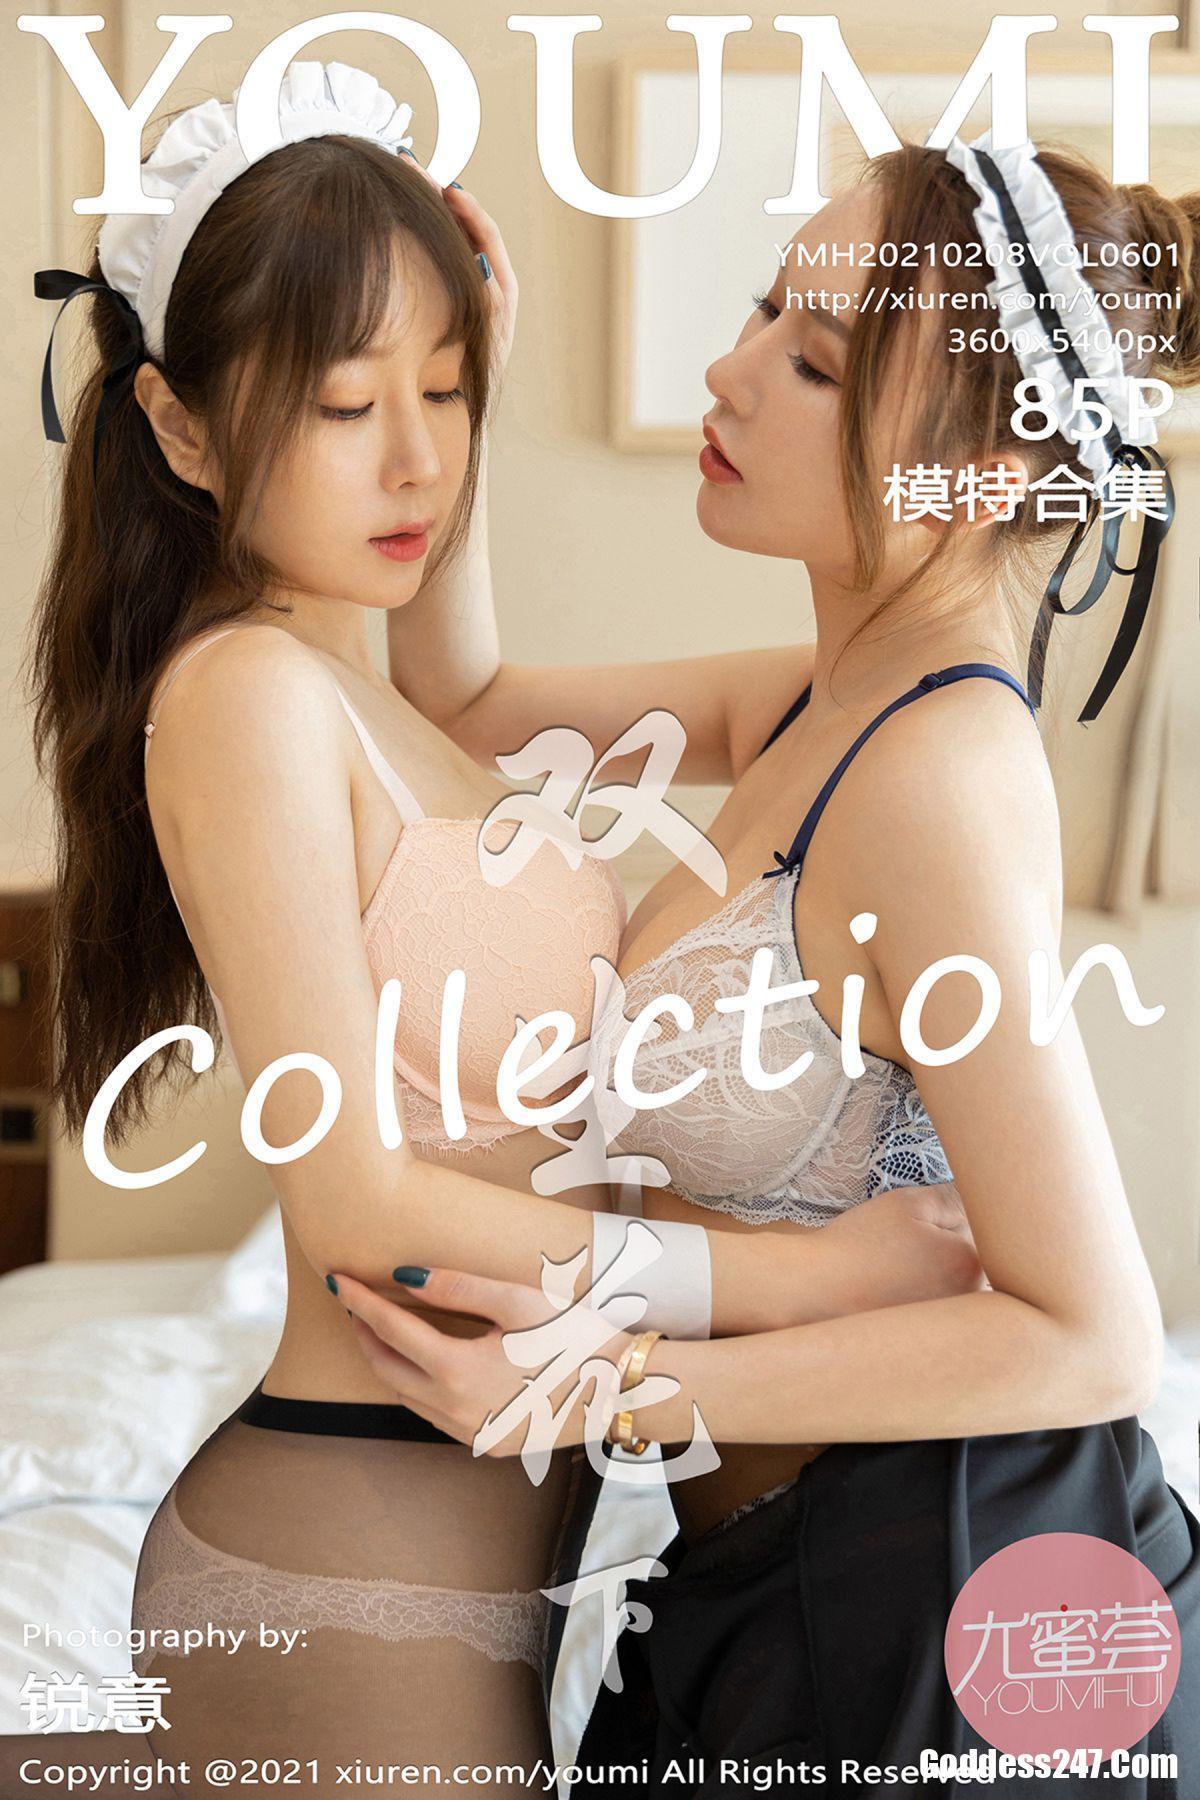 YouMi尤蜜荟 Vol.601 王雨纯 & Egg-尤妮丝Egg